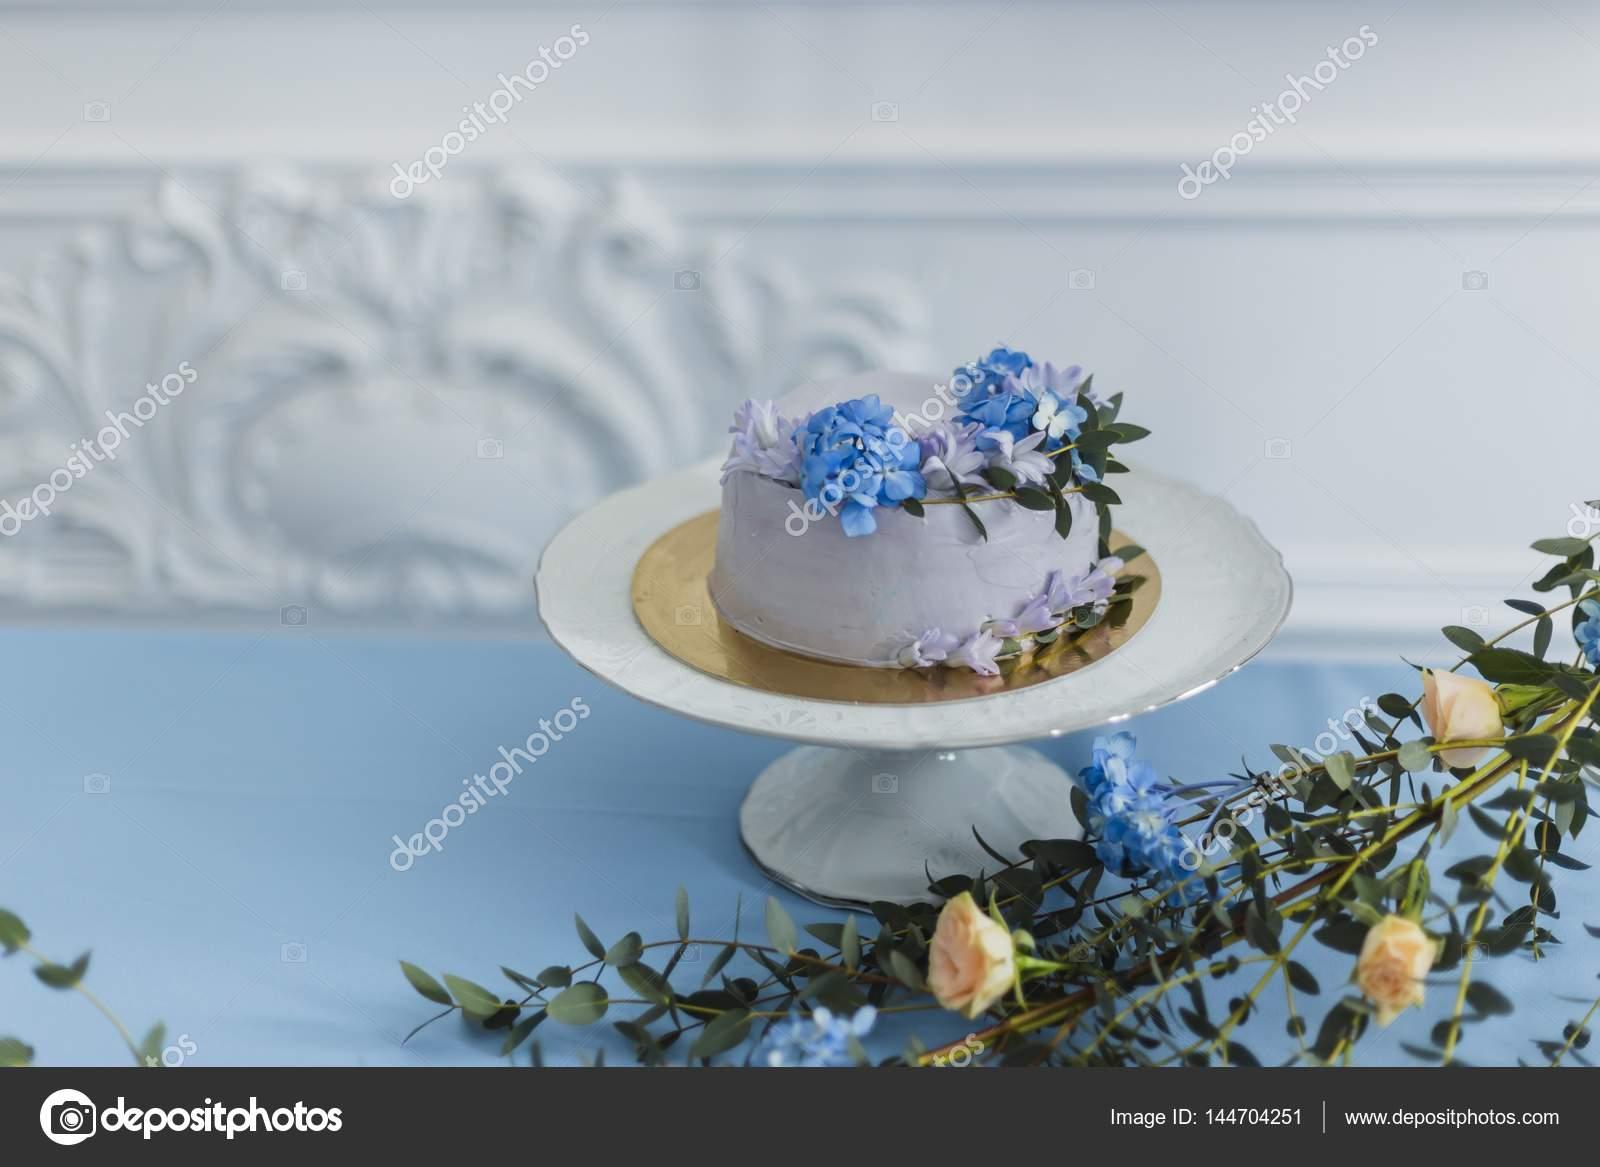 tsveti-dlya-ukrasheniya-torta-pohvistnevo-dostavka-tsvetov